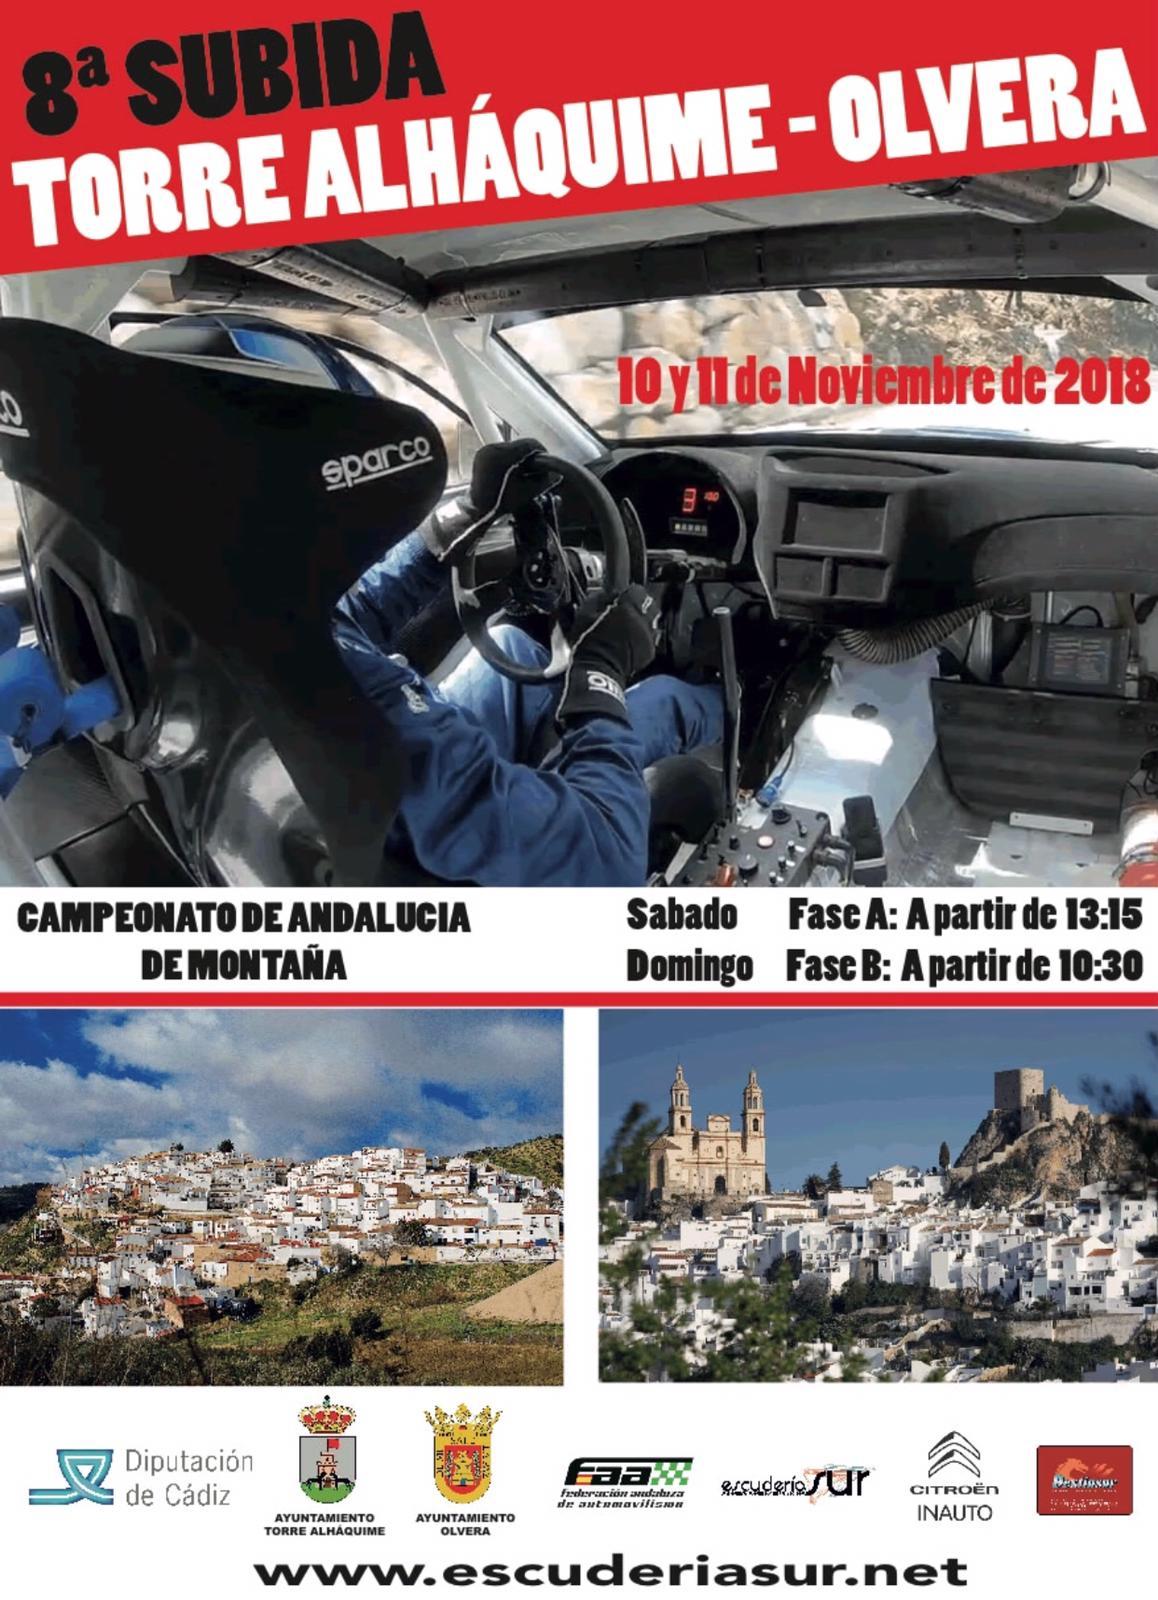 Colaboración Subida Torre Alháquime-Olvera